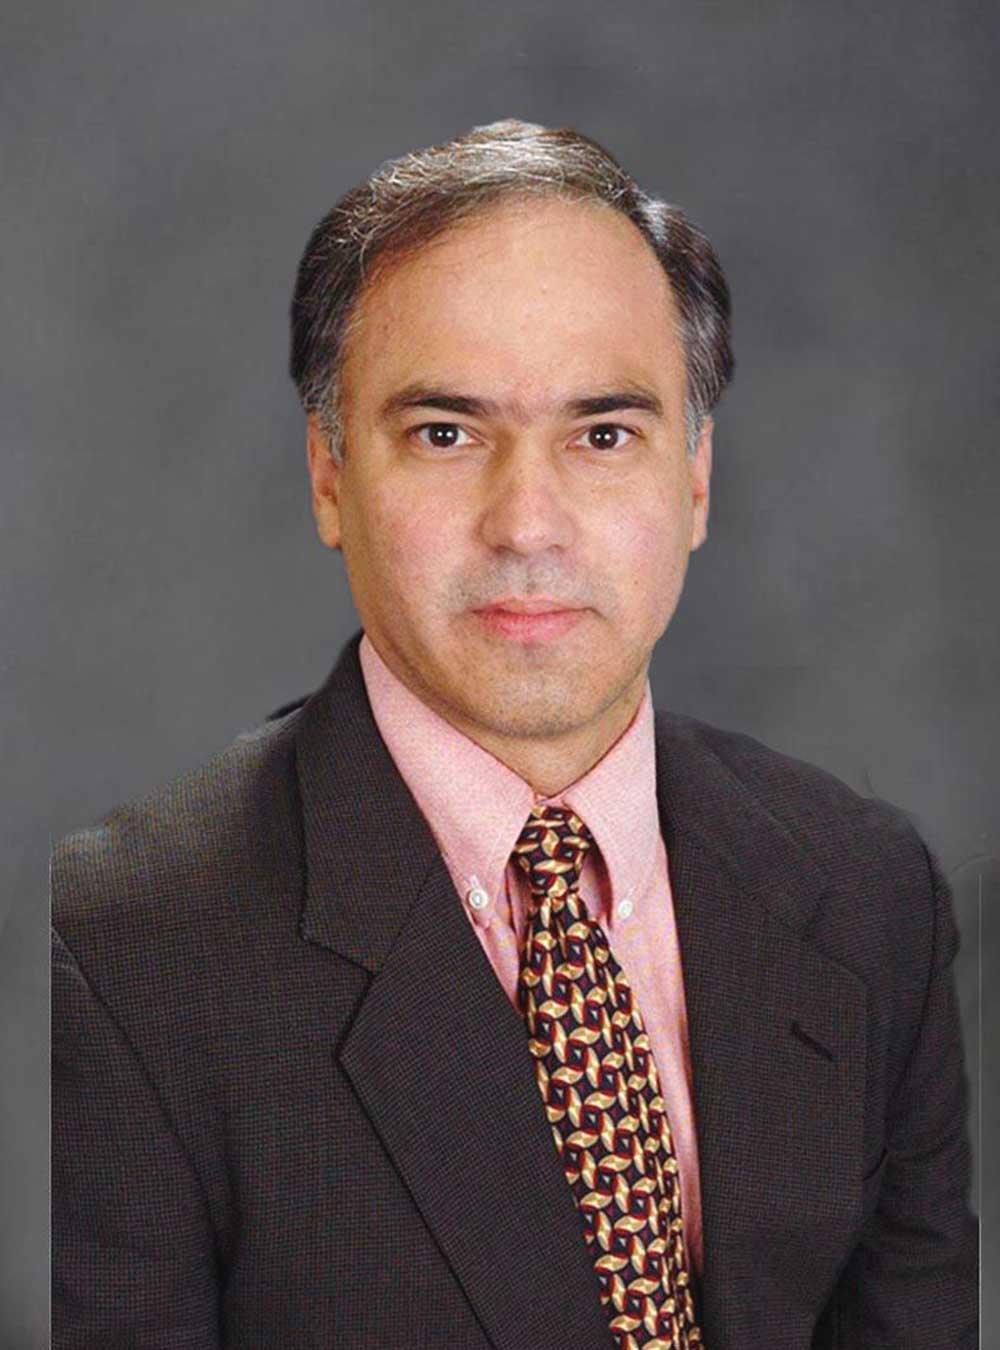 Portrait of Jorge L. Esquirol